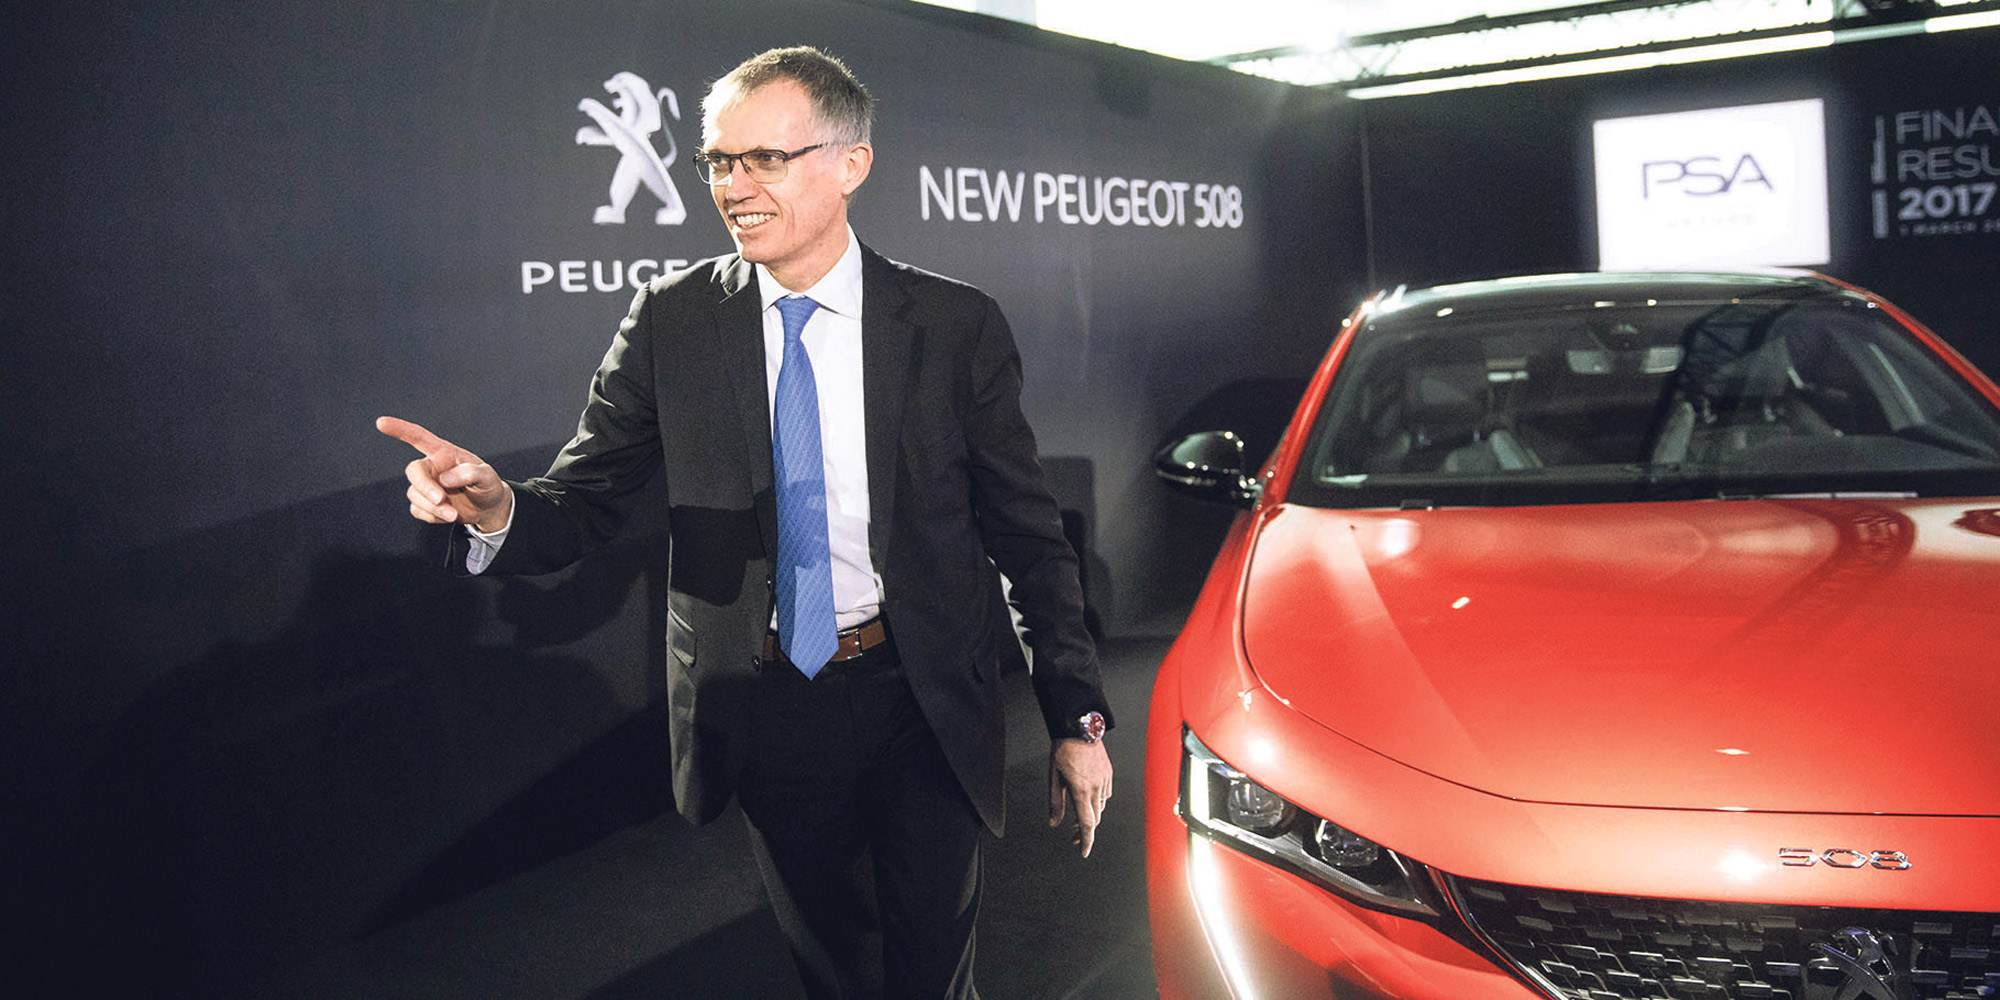 Avec la 508, Peugeot veut accélérer son retour au premier plan